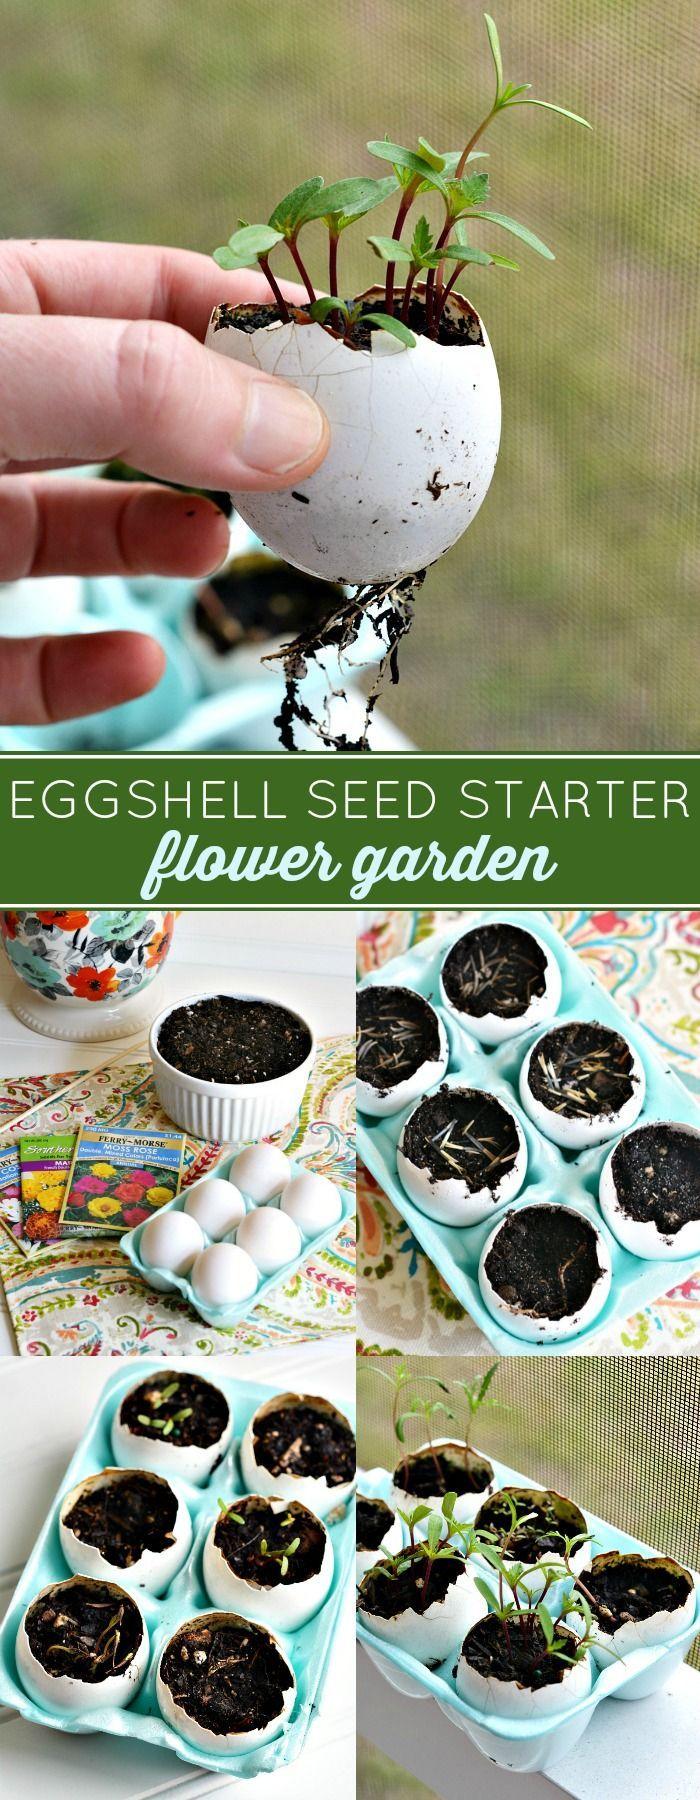 25 Best Ideas About Garden Club On Pinterest Gardening Clubbed